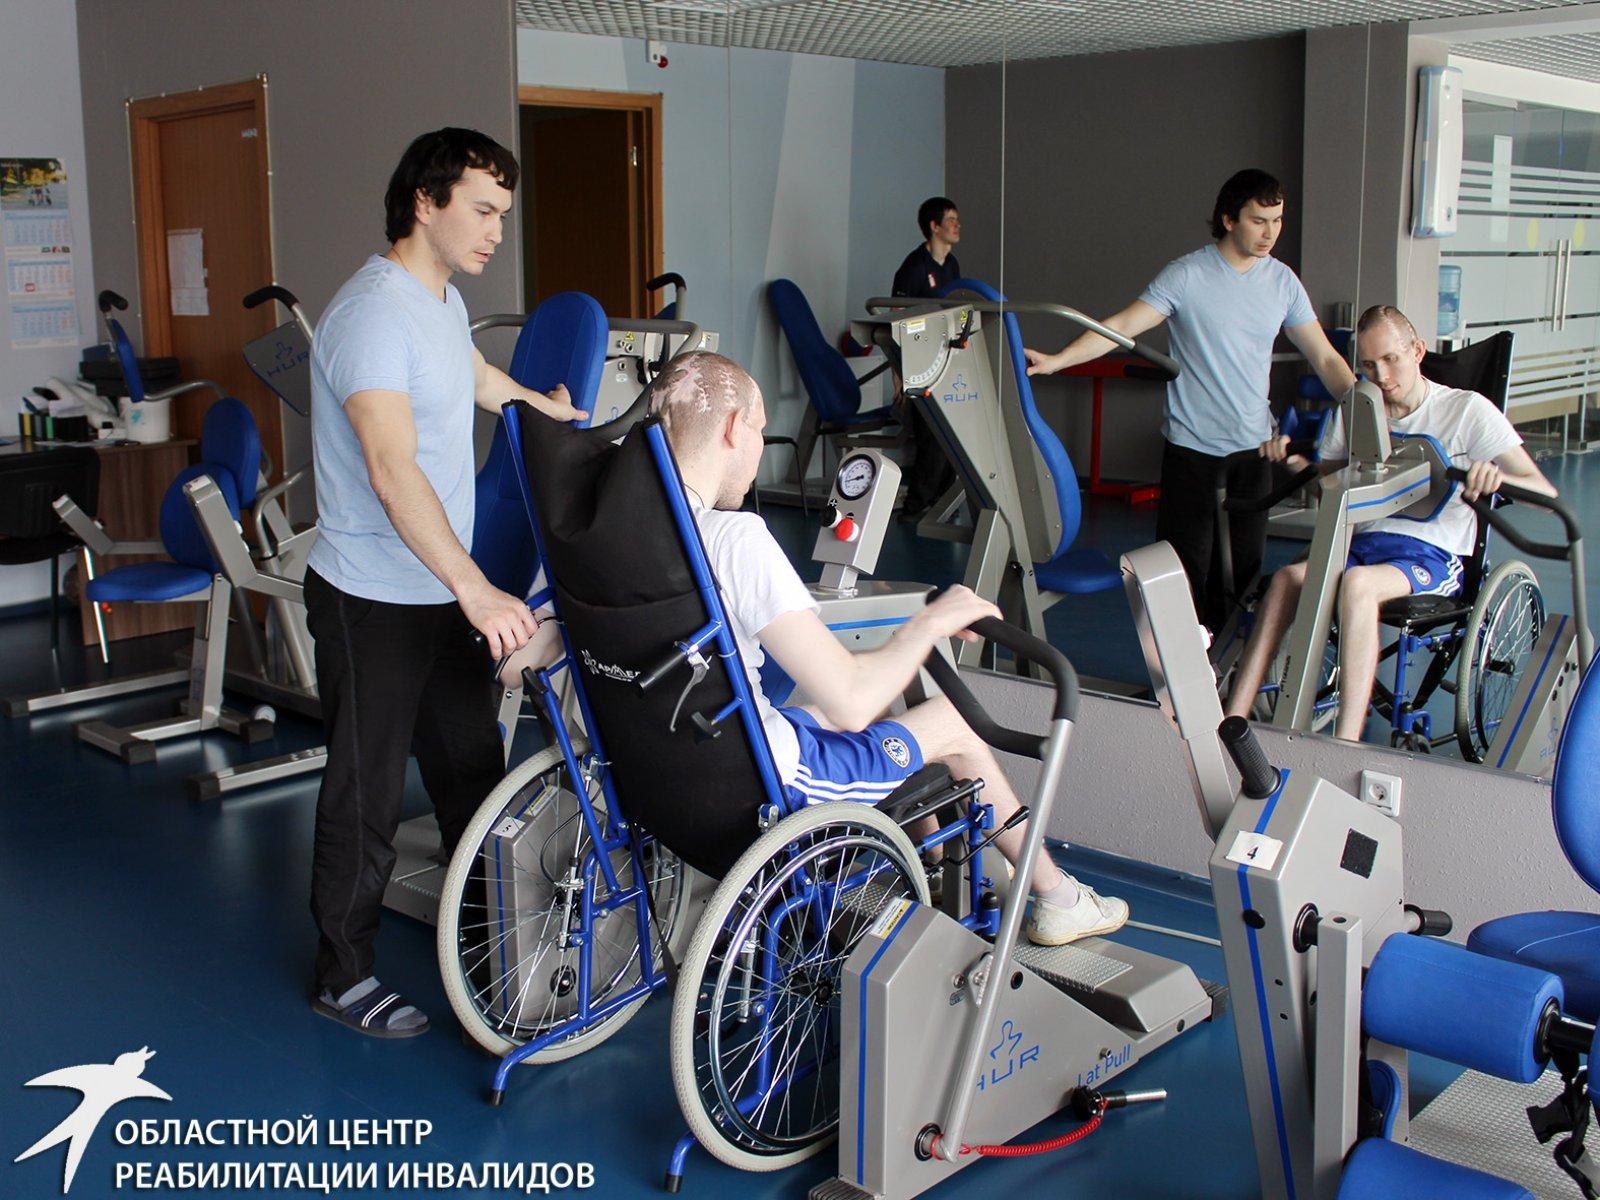 Областной Центр реабилитации инвалидов – глоток свежего воздуха в рутинных буднях Александра Коломийца и его семьи